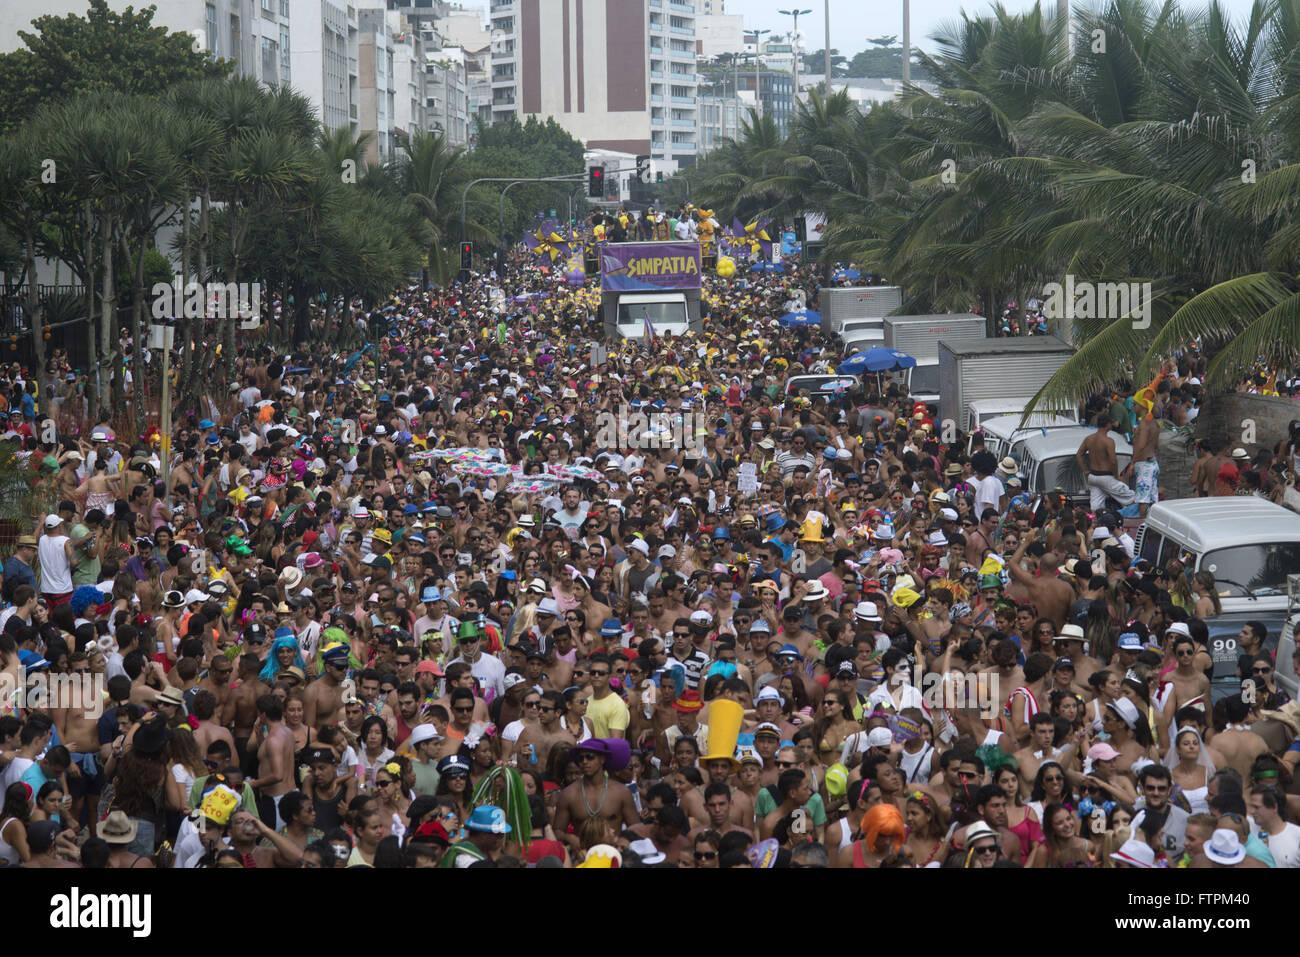 Tras la multitud casi amor y simpatía Nota sobre la Avenida Vieira Souto Imagen De Stock